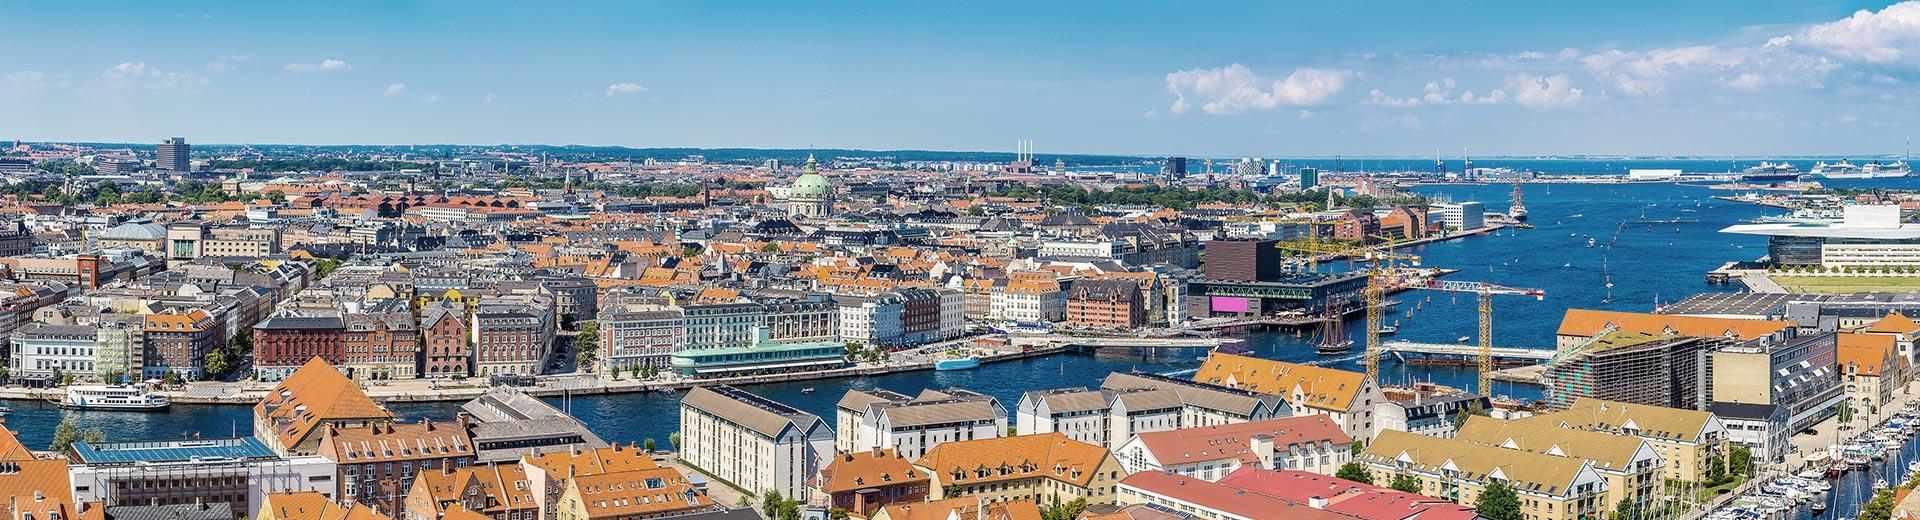 Gruppenreise Kopenhagen - Package Gruppen Classic Flug